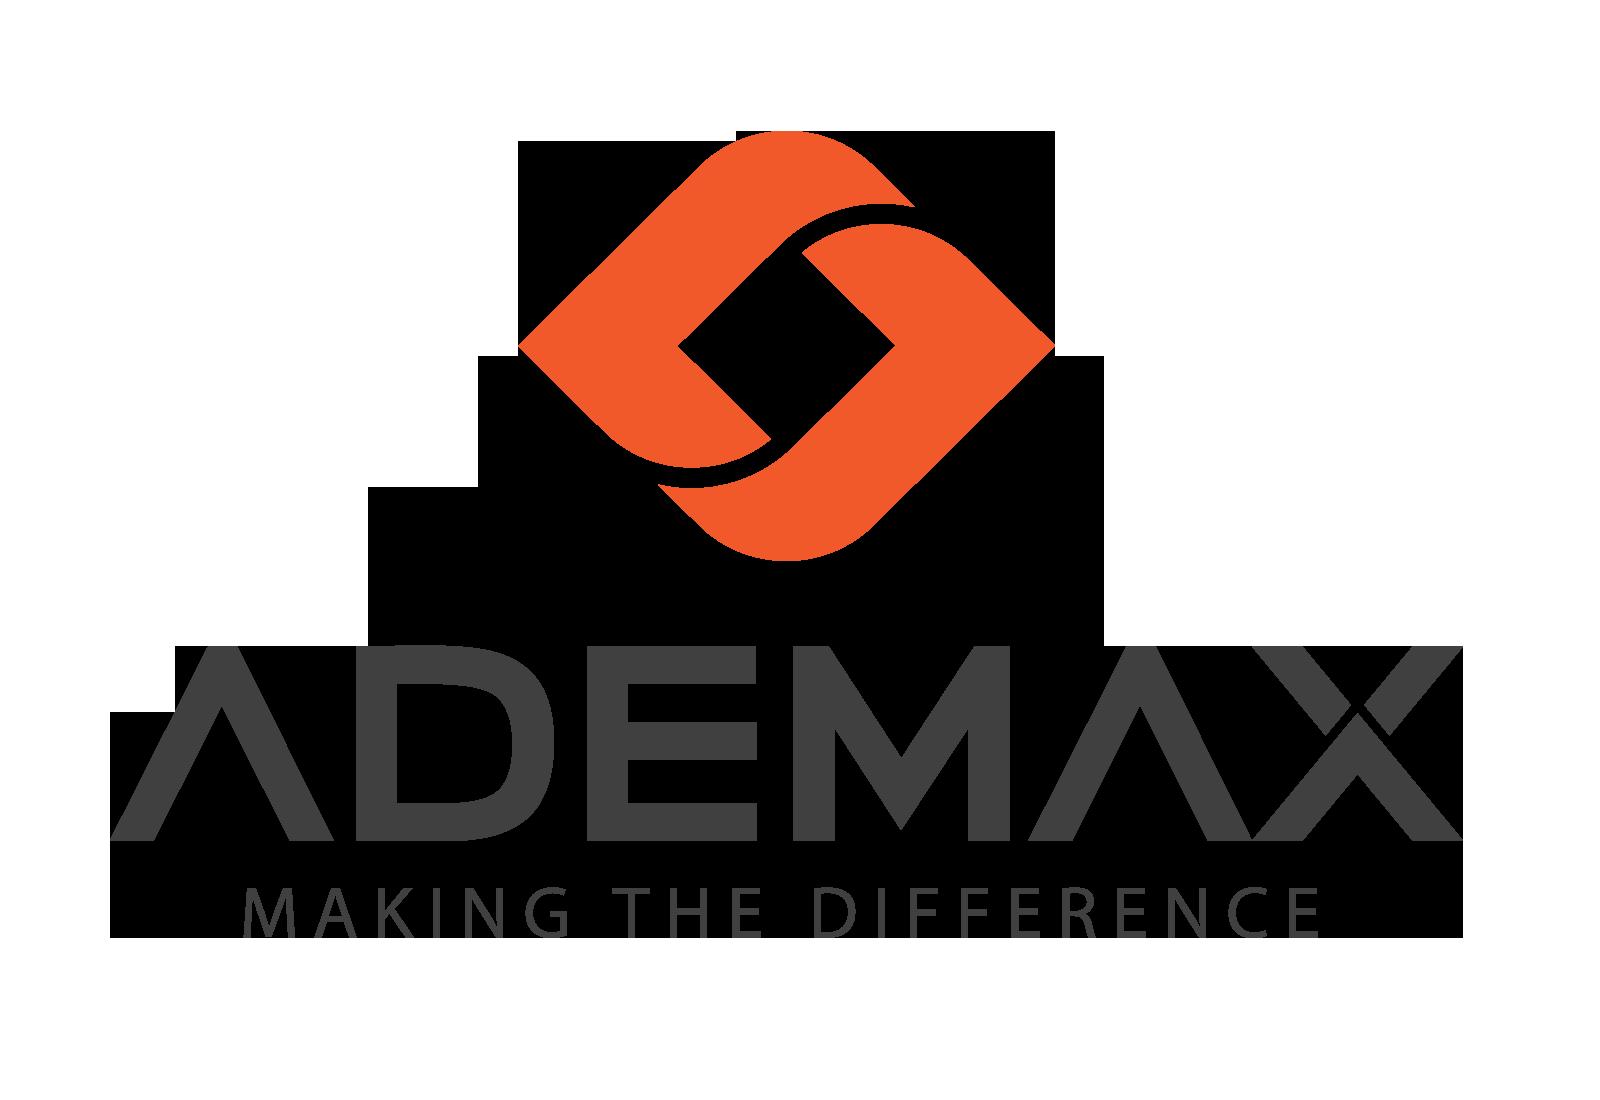 Công ty cổ phần Ademax